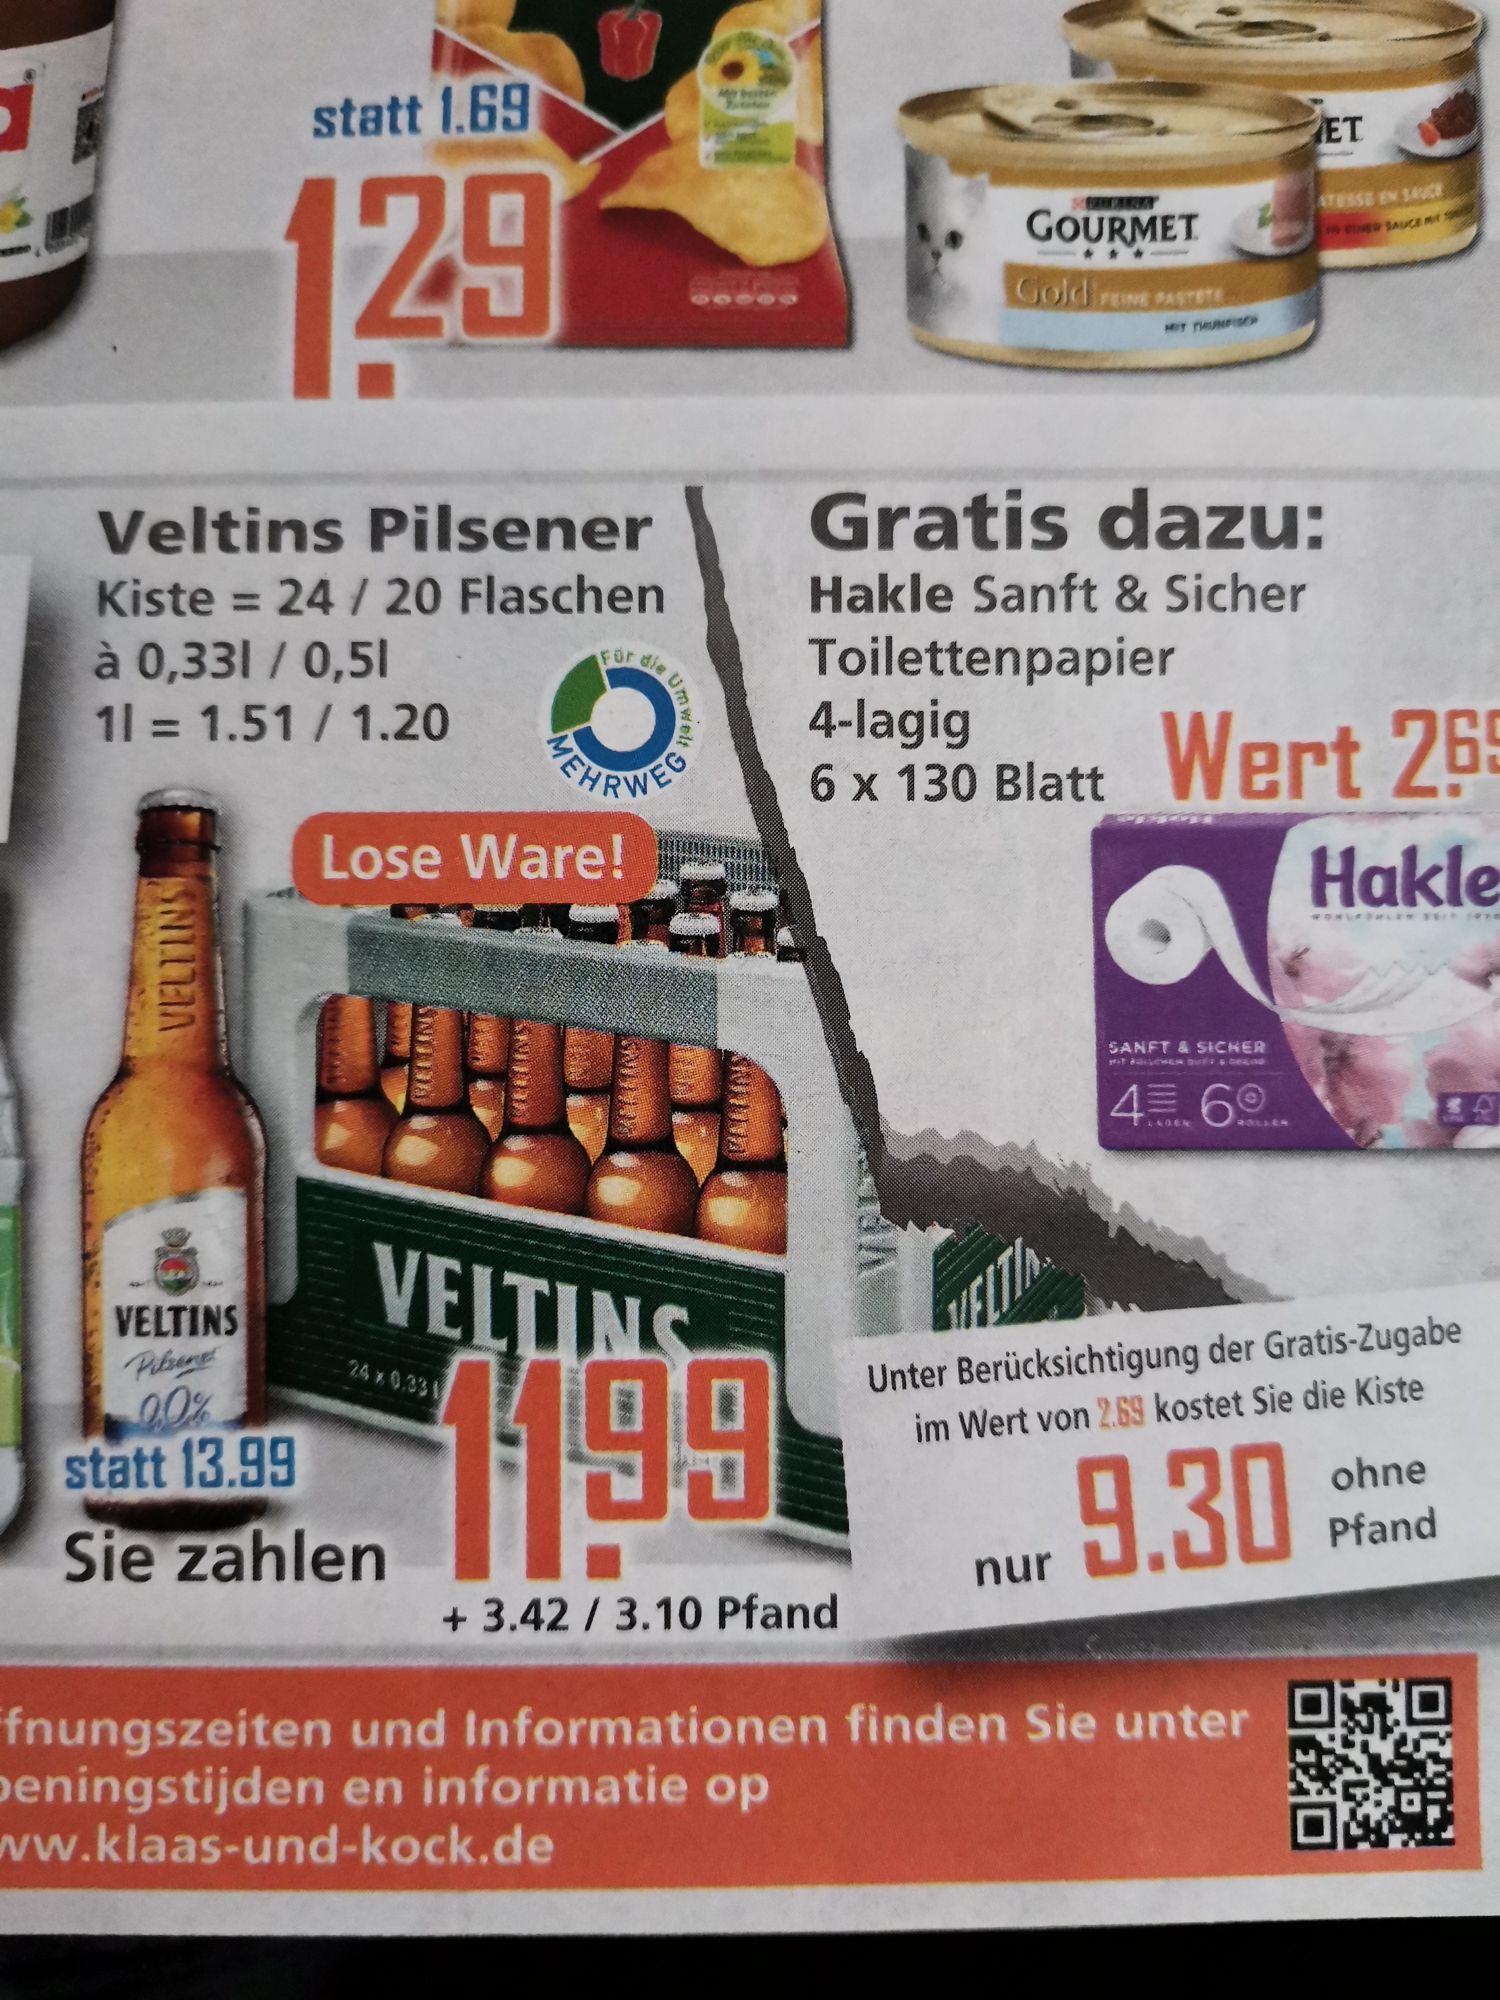 Kiste Veltins Pilsener + gratis Hakle Toilettenpapier 6x130 Blatt bei K+K